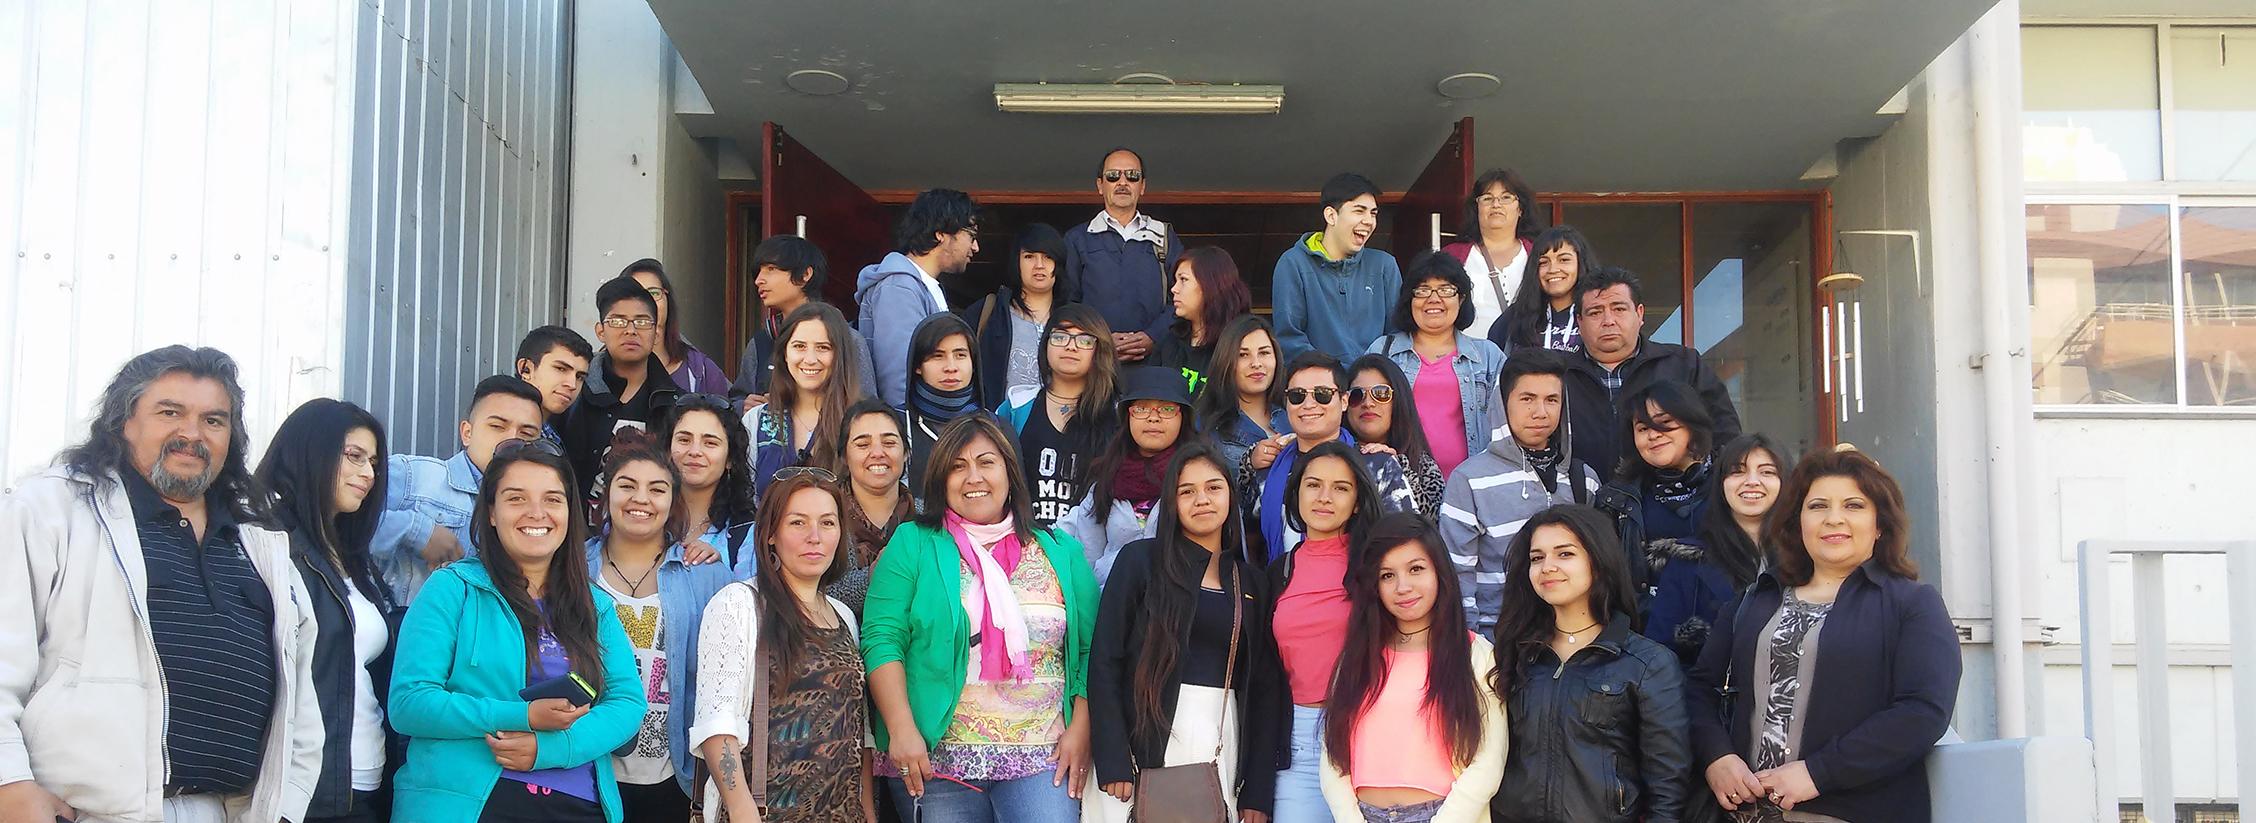 Segunda Visita Guiada Observatorio Interamericano Cerro El Tololo